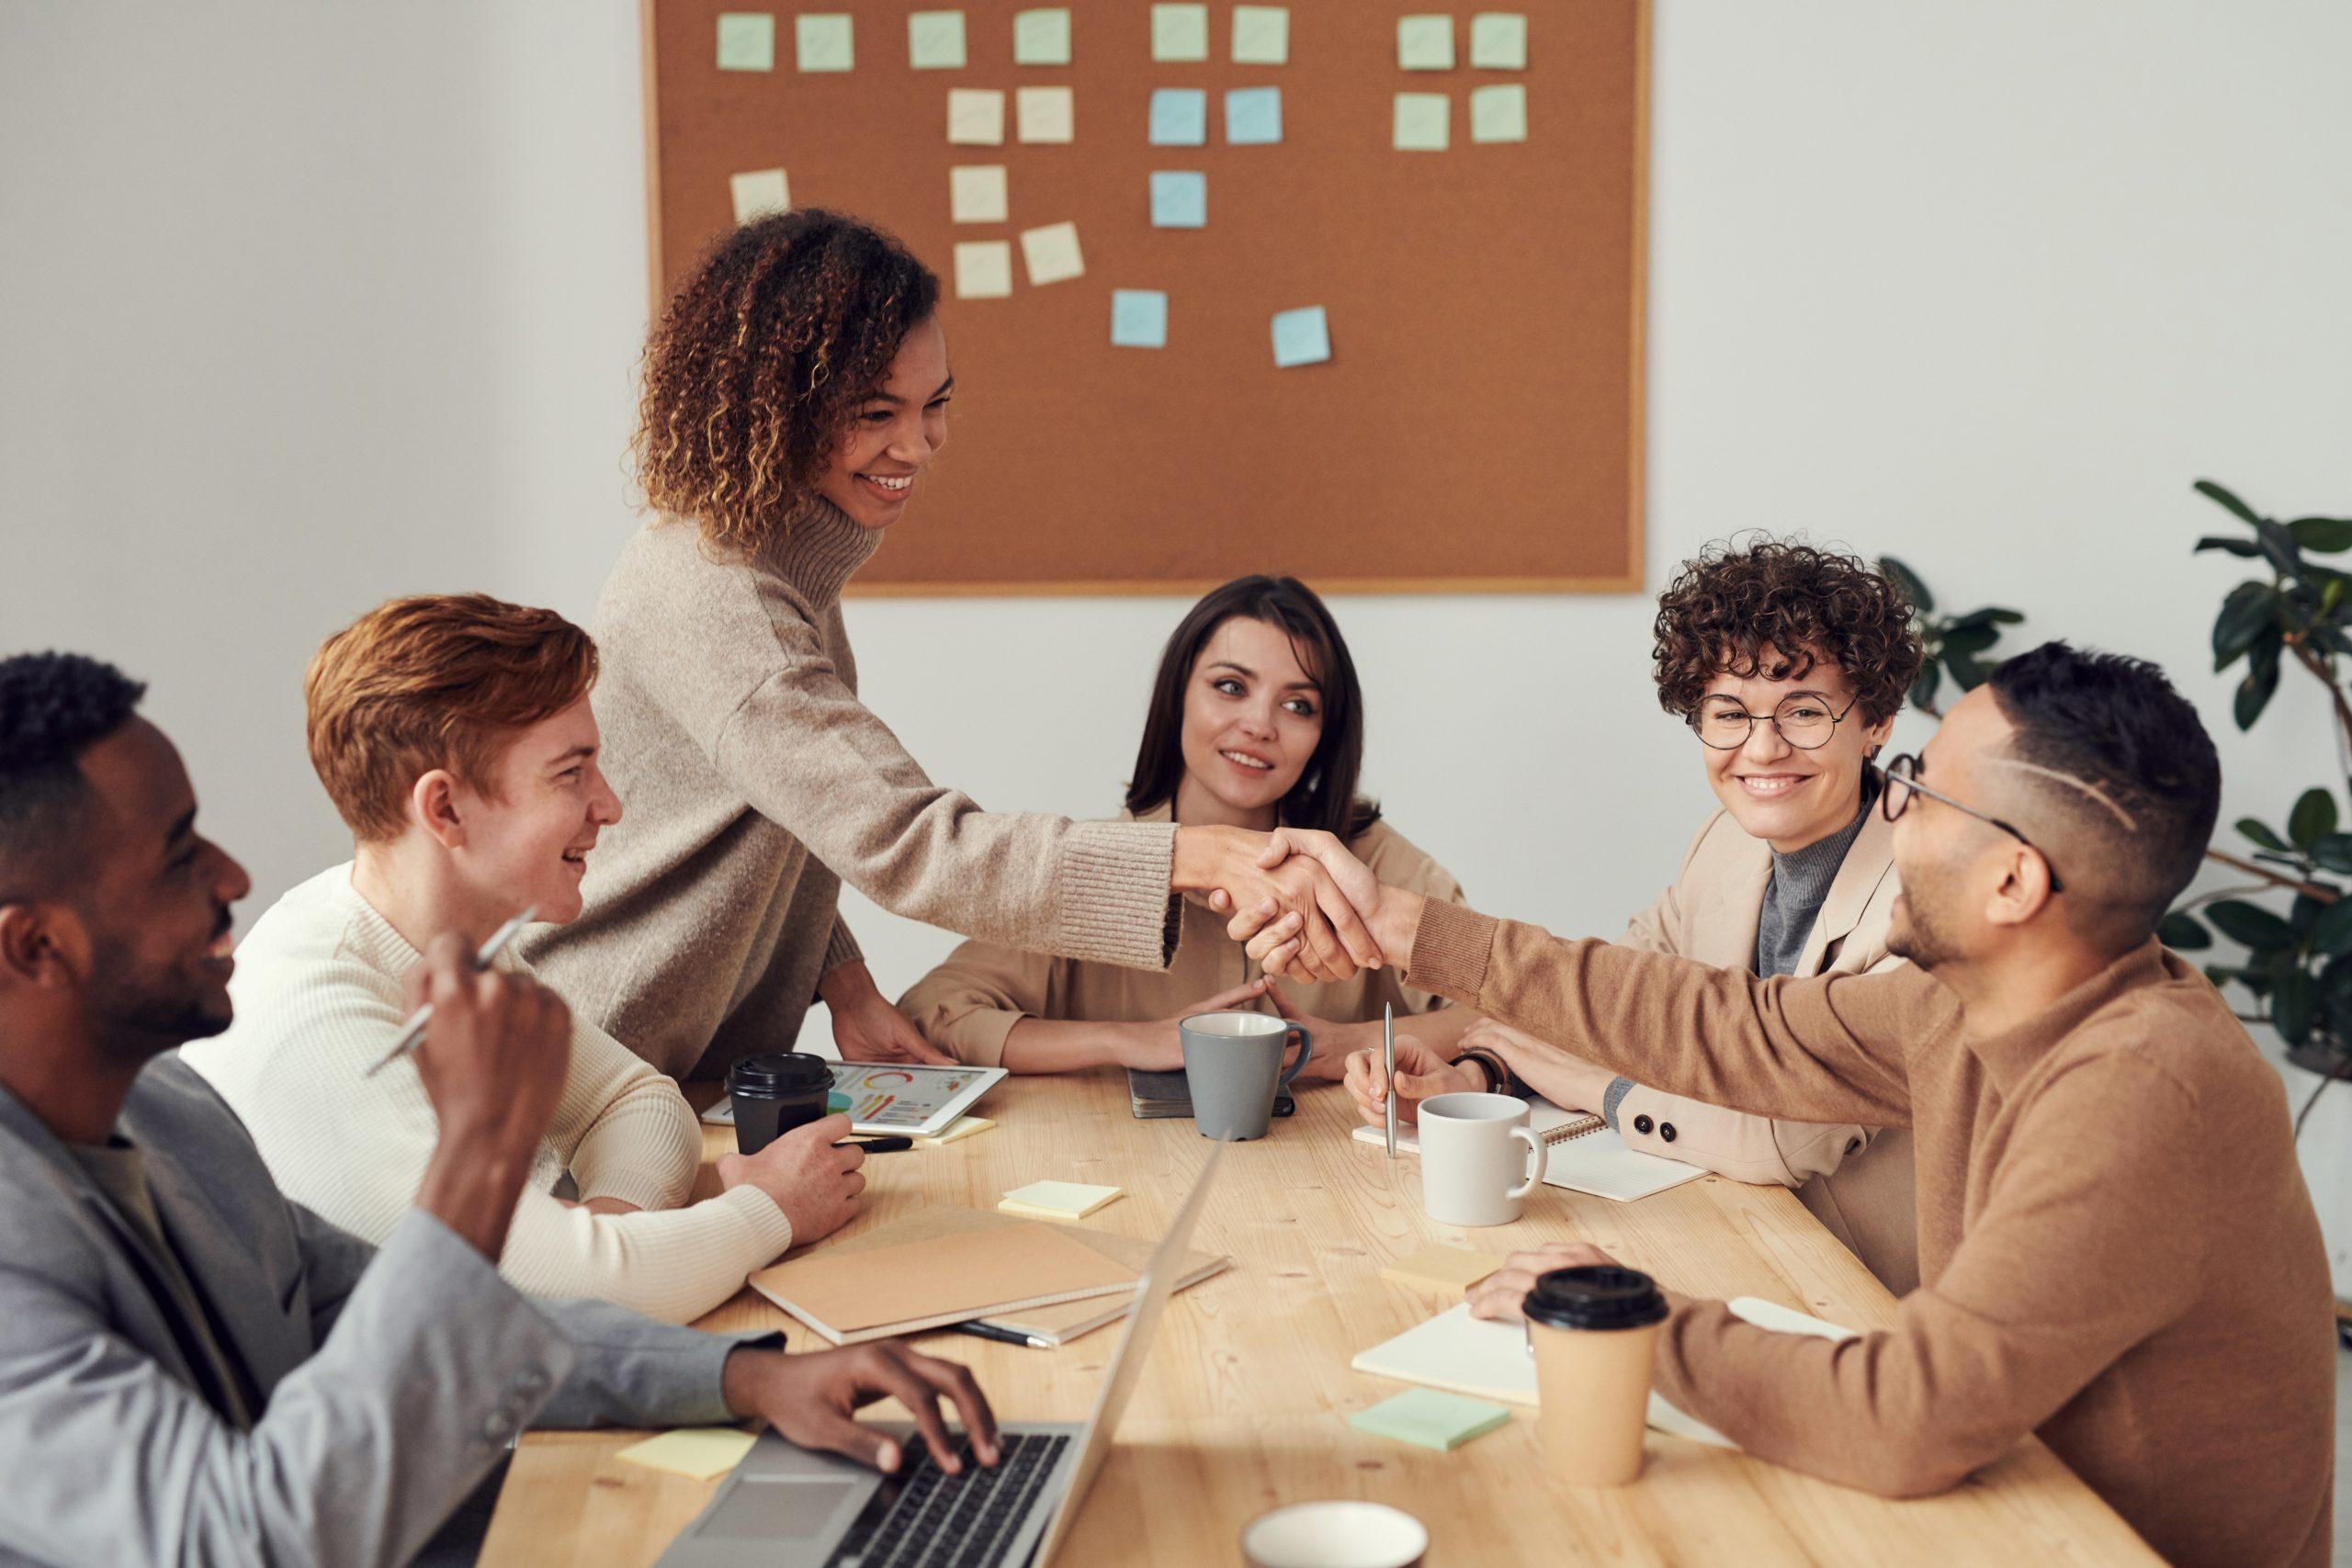 czym jest zarządzanie zasobami ludzkimi w organizacji